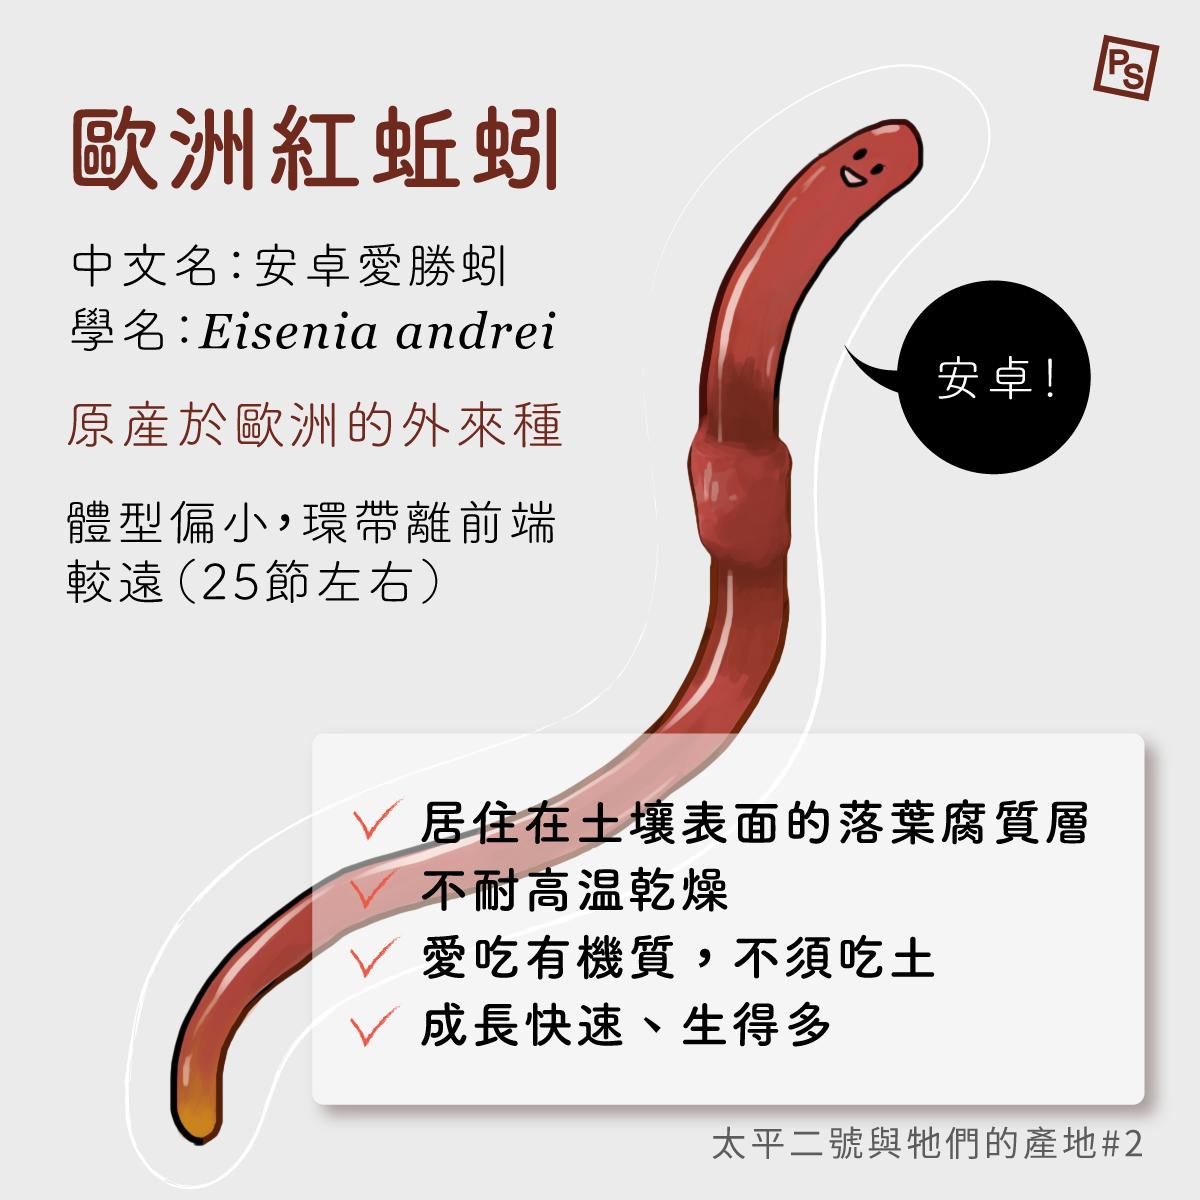 歐洲紅蚯蚓